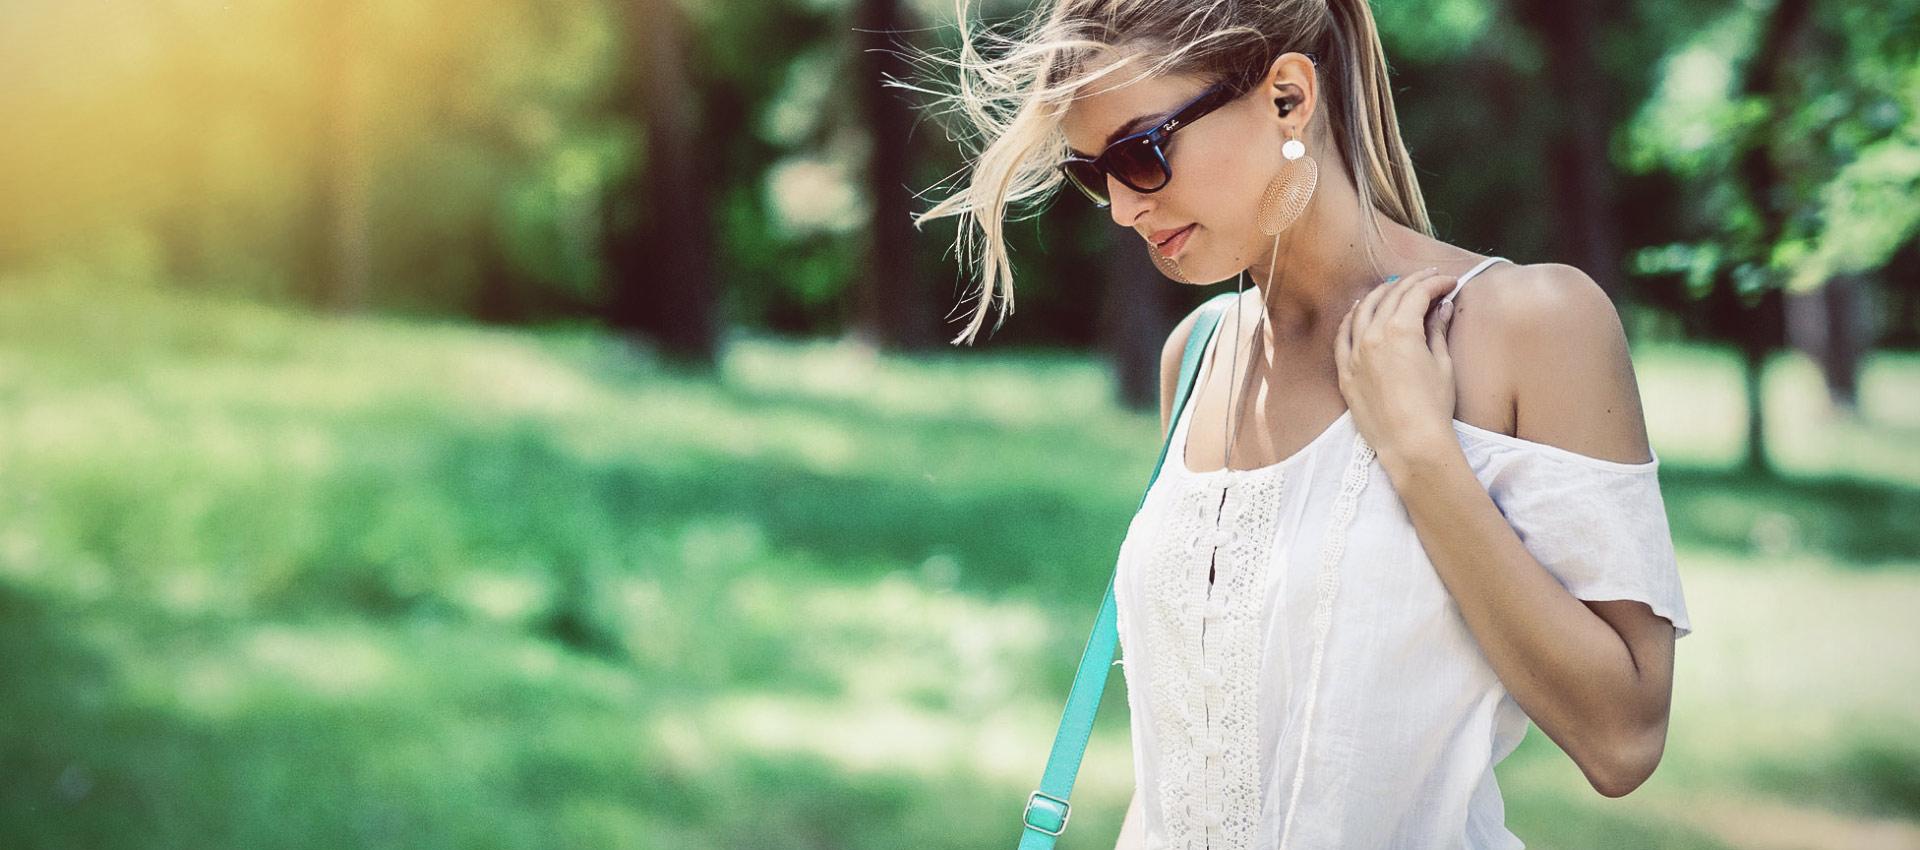 Diese junge Frau nutzt den HEAROS Bang 1, der sich perfekt für Sport und Freizeit eignet, bei einem entspannten Spaziergang – kein Herausfallen oder Verrutschen dank individueller Anpassung an deine Ohren.